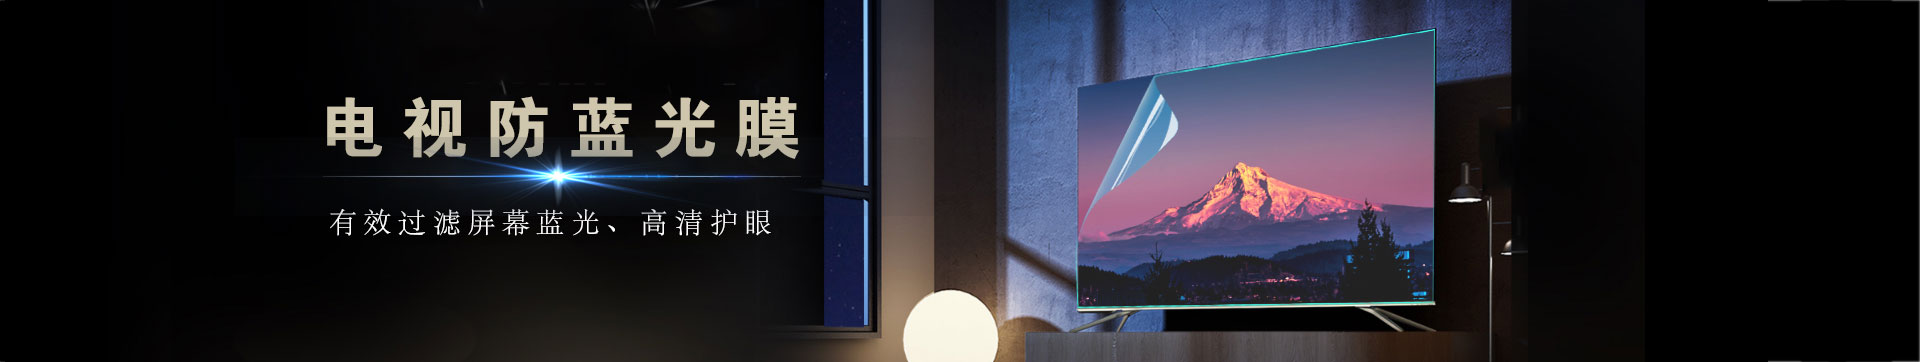 电视防蓝光膜